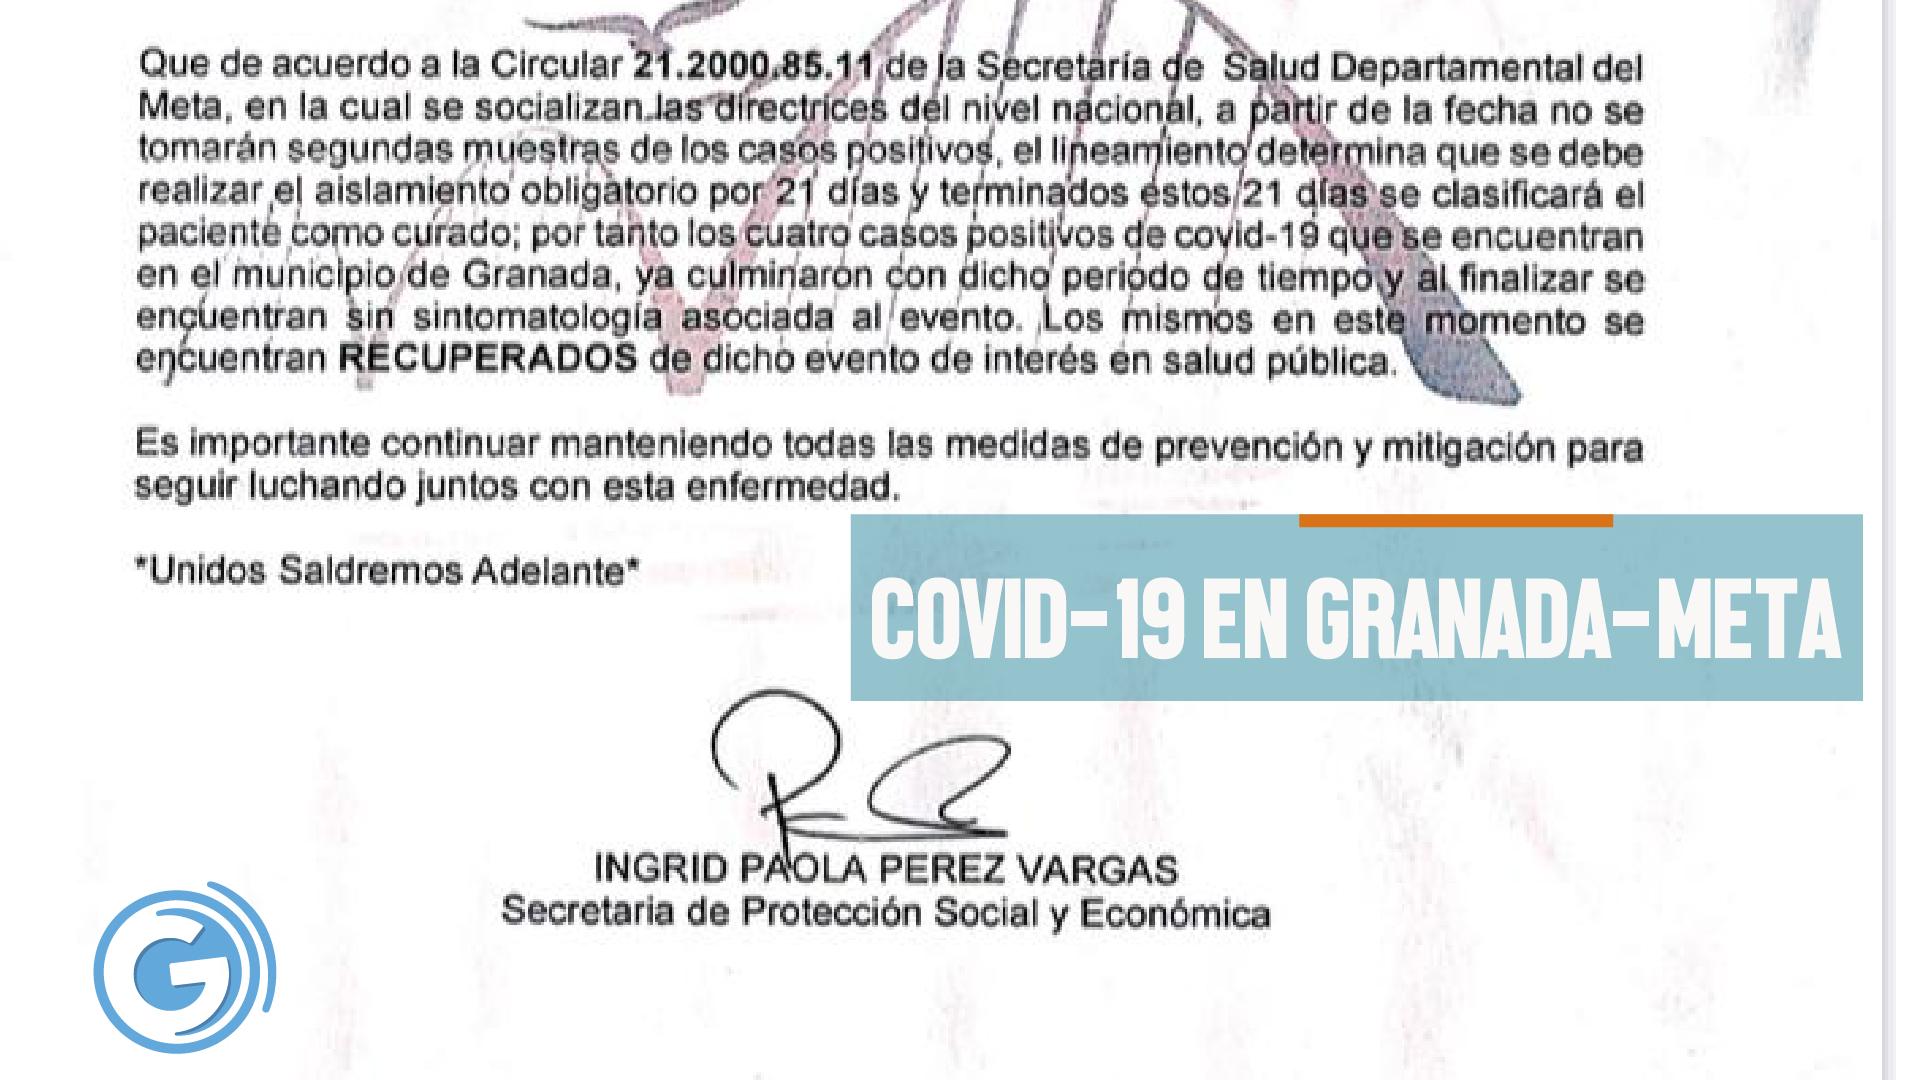 Covid 19 granada meta